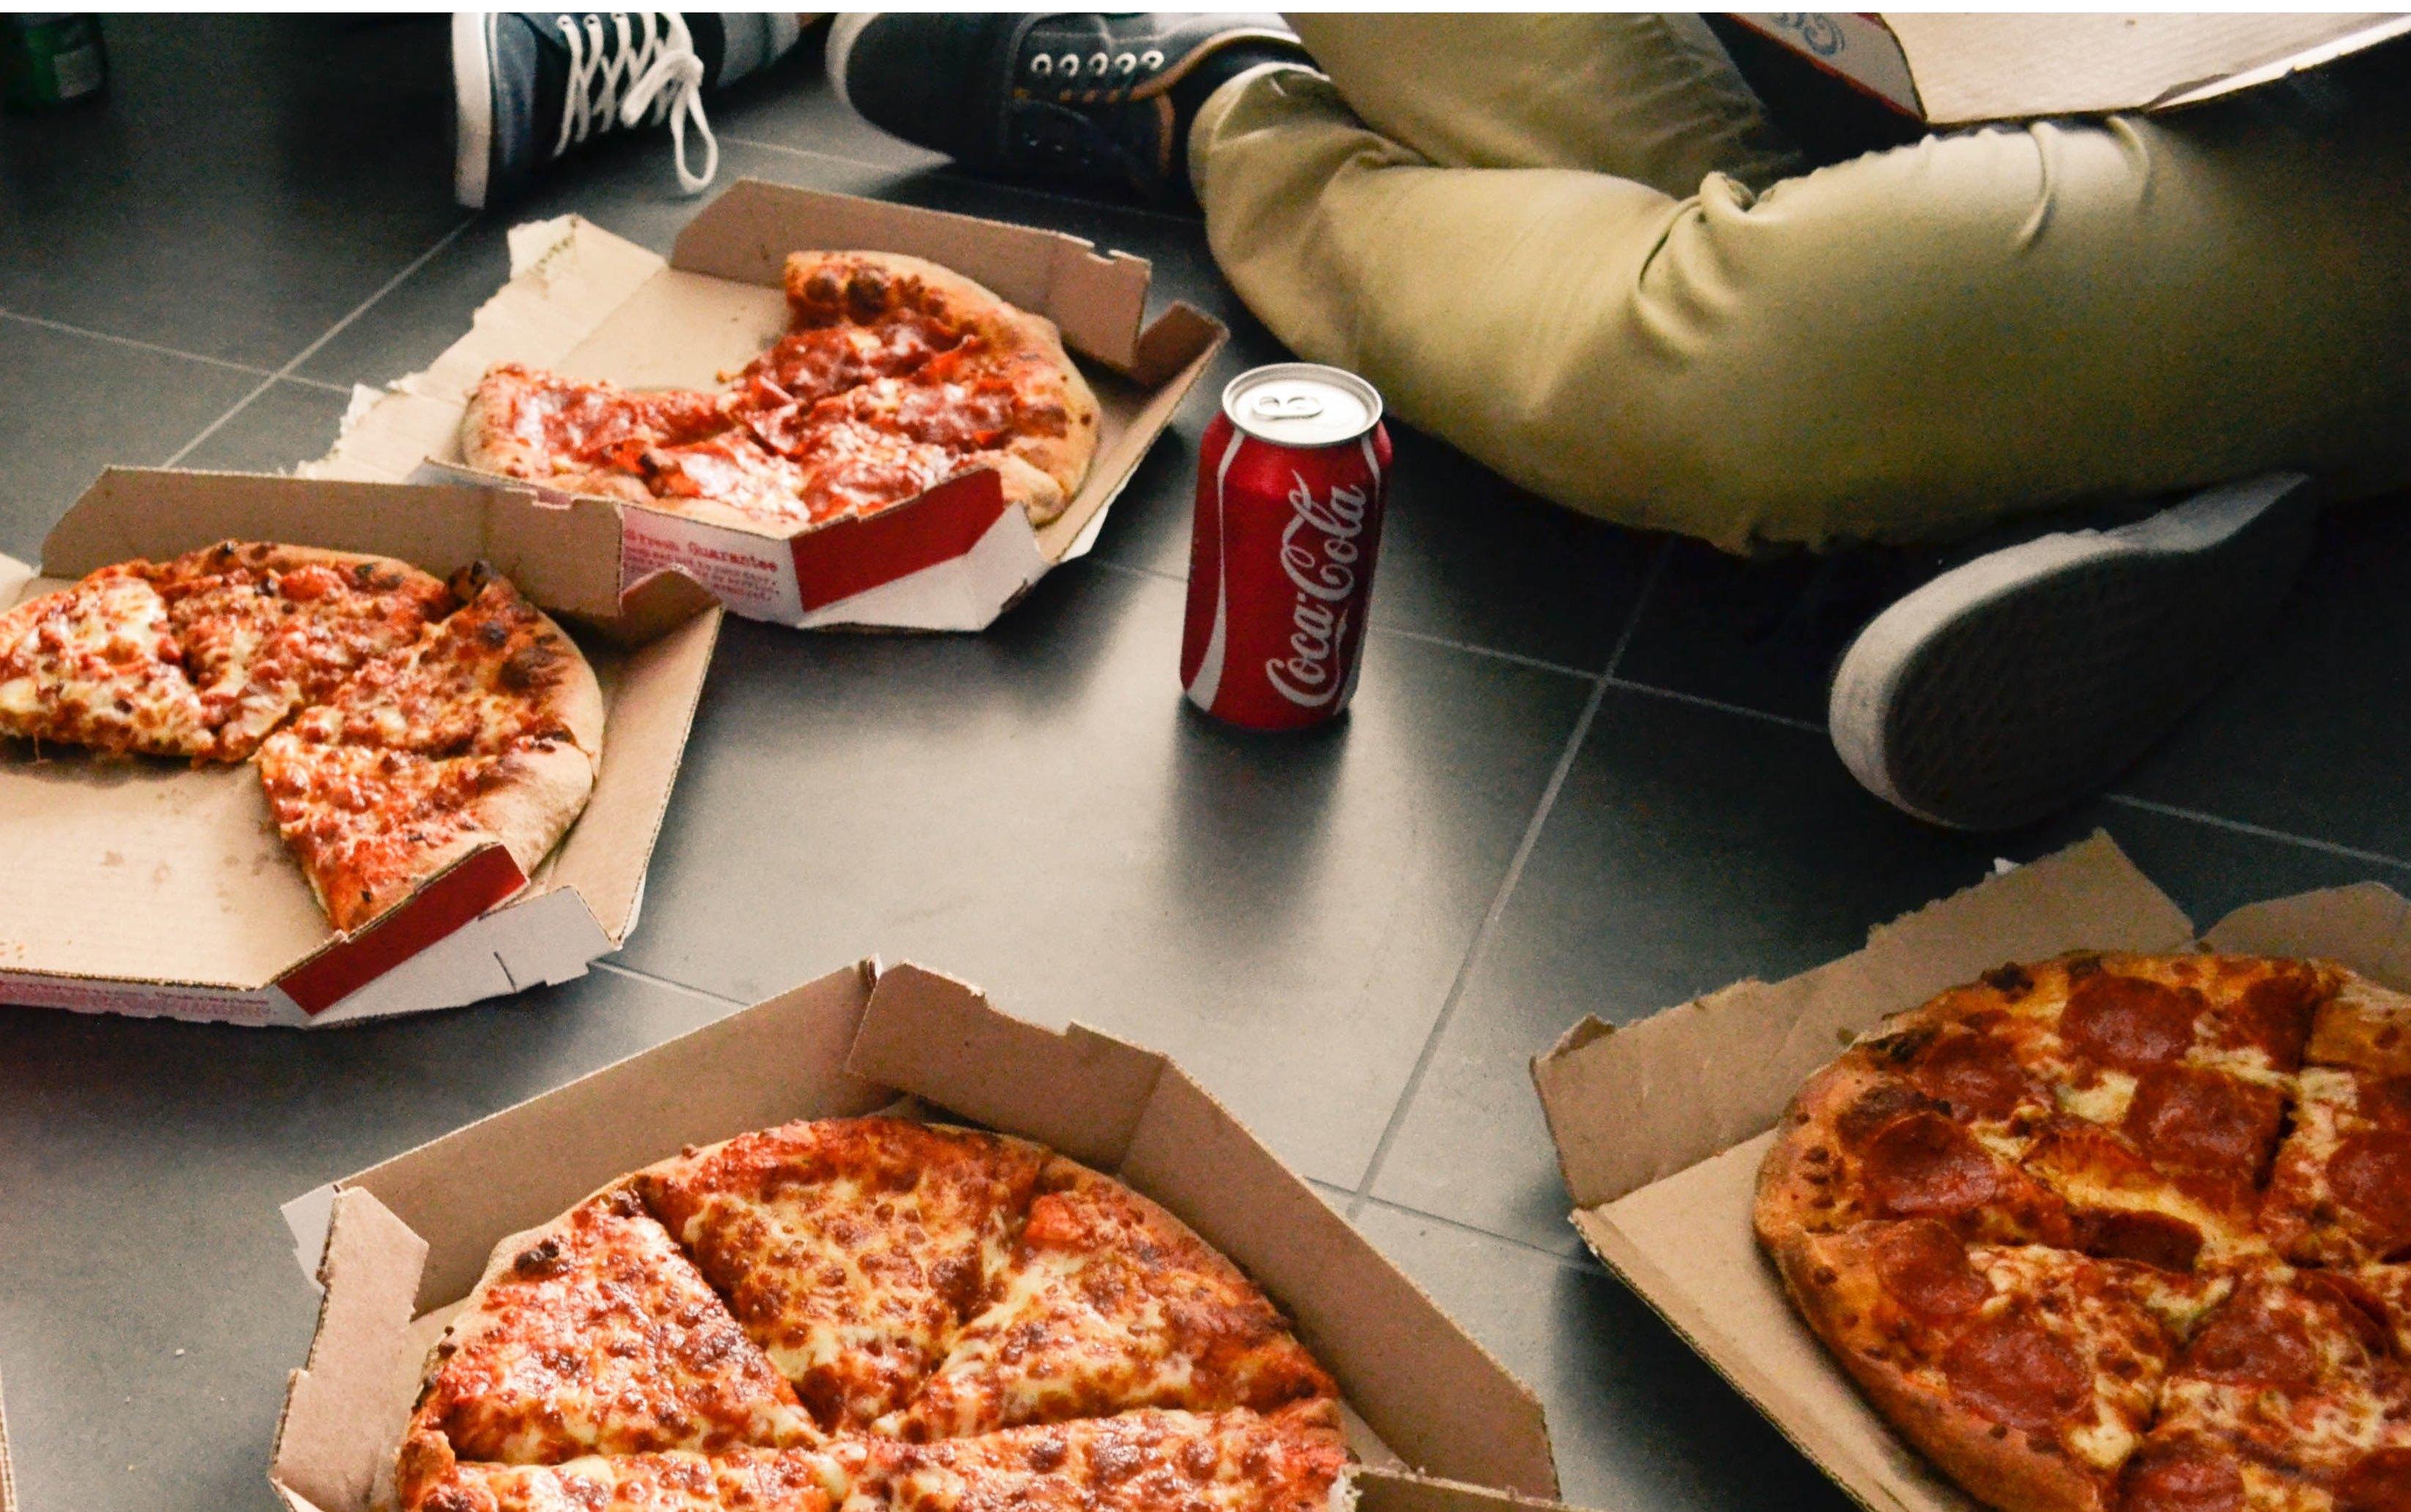 Pizza-coke combo